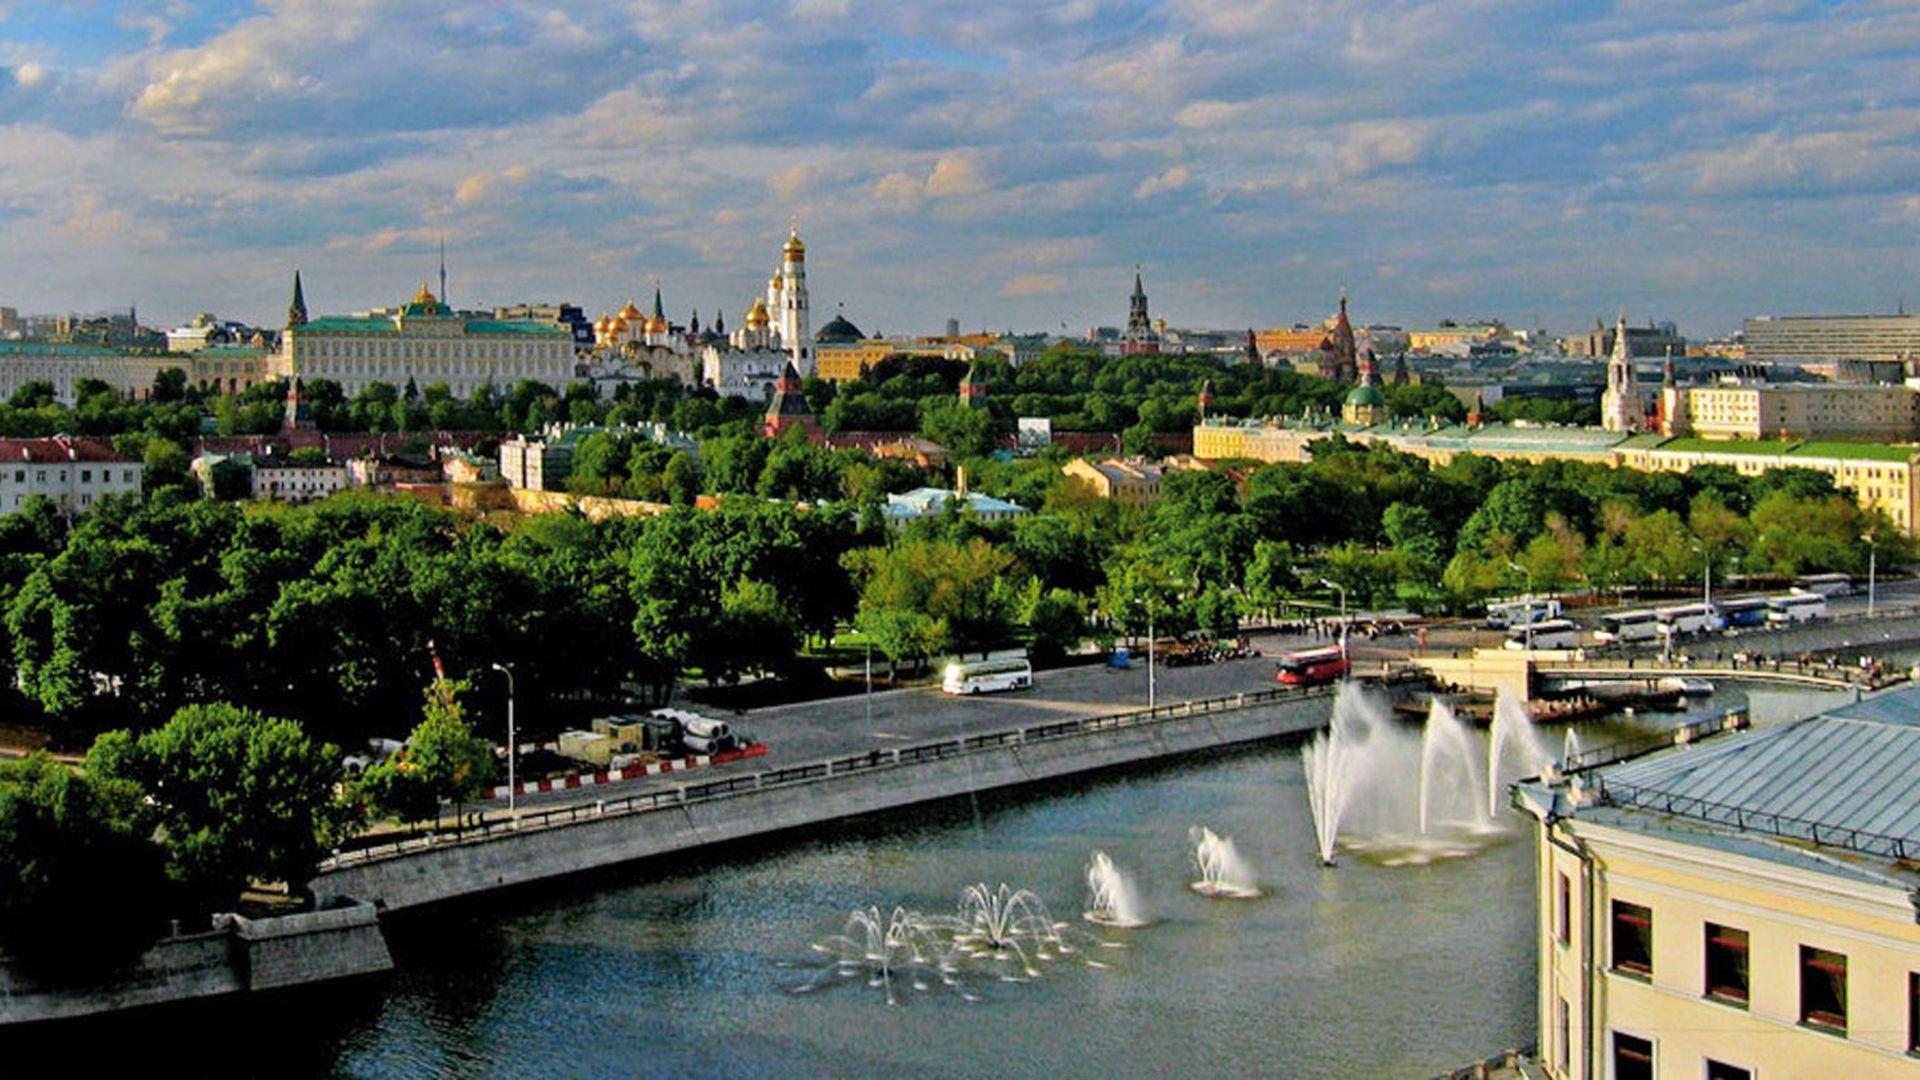 Замоскворечье: увлекательная прогулка по купеческой Москве